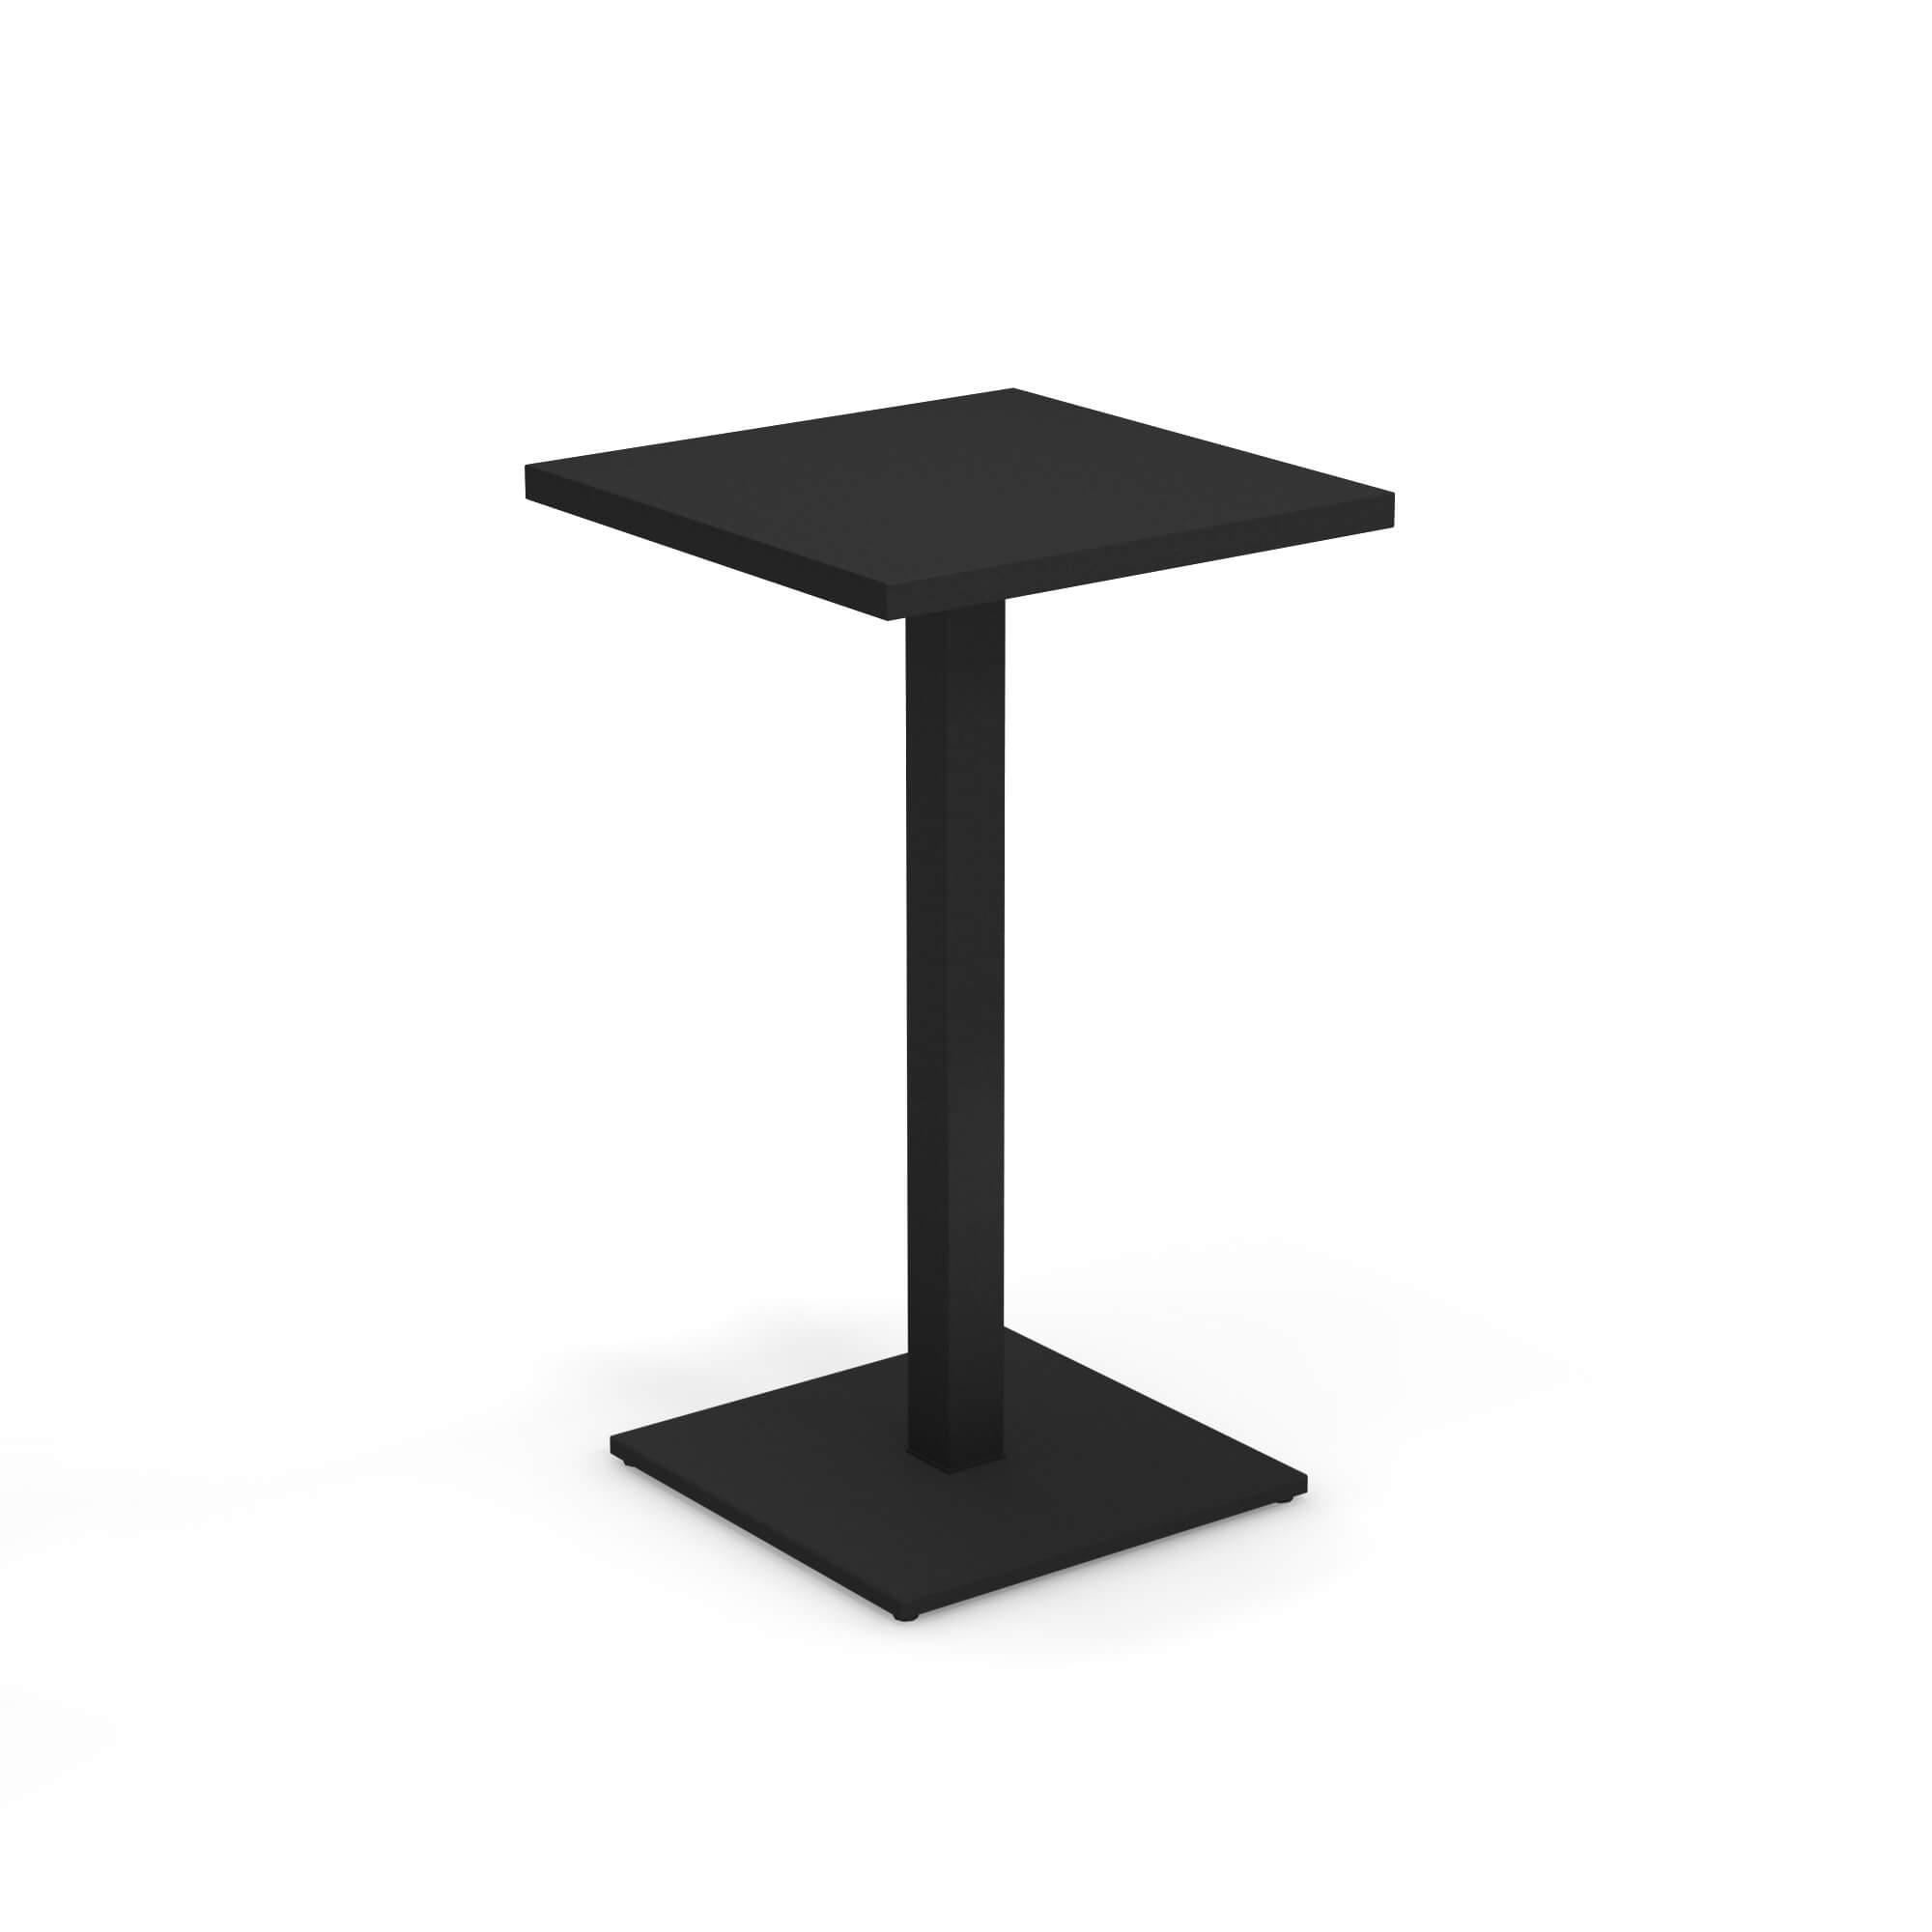 Emu Tavoli Da Giardino.Tavolo Alto 60x60 Da Giardino Esterno In Acciaio Collezione Round